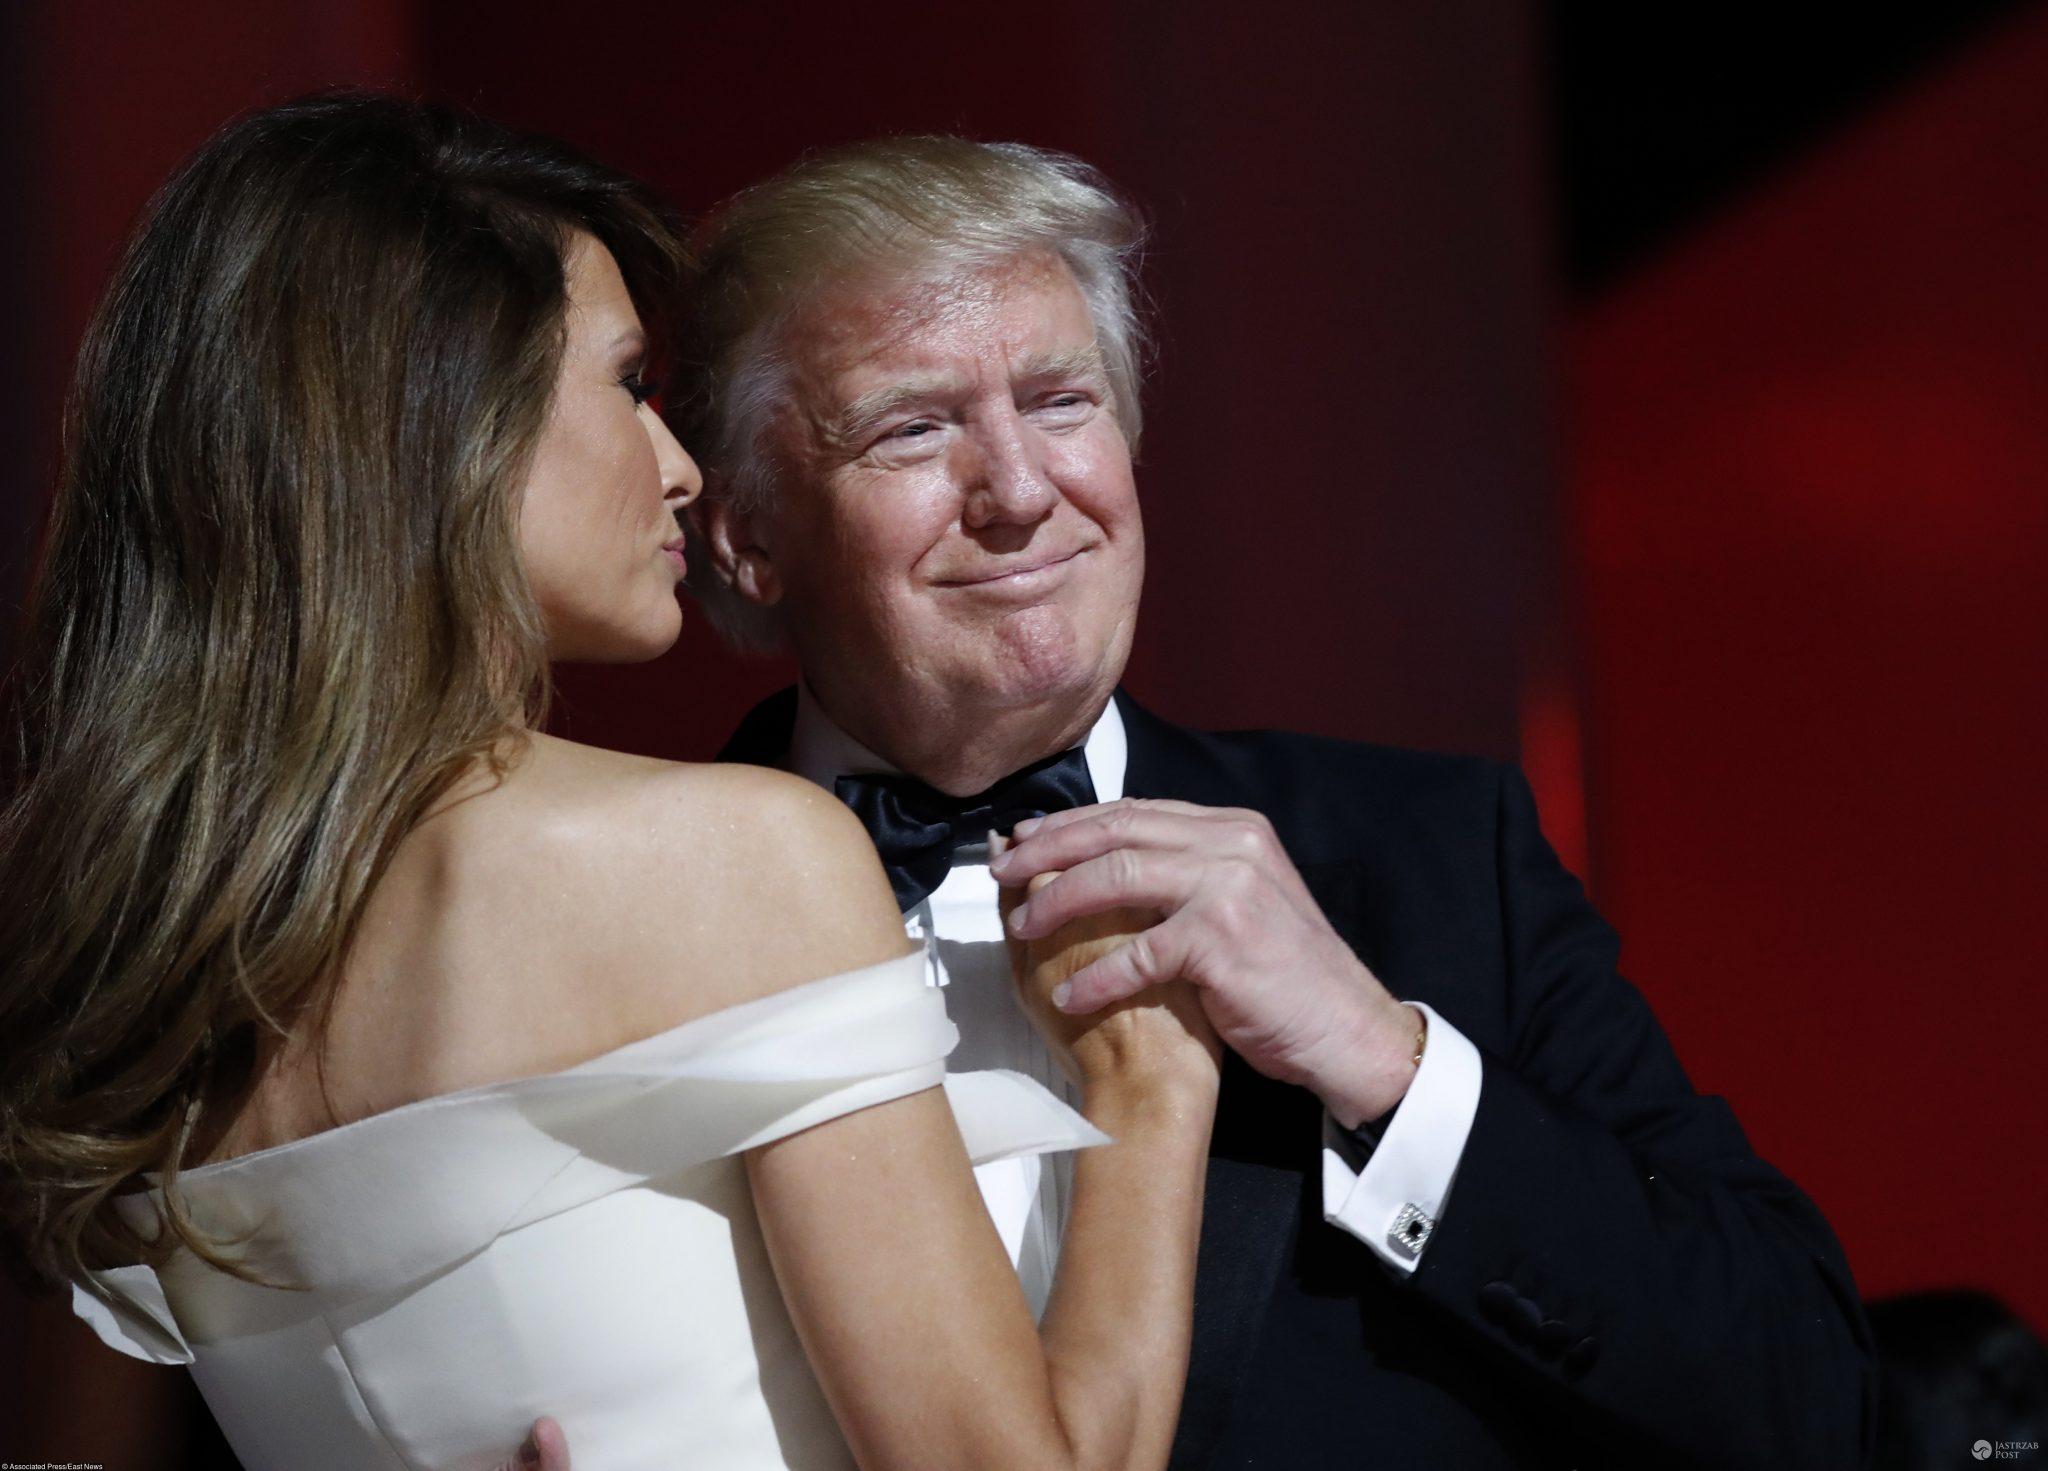 Donald Trump i Melania - pierwszy taniec po zaprzysiężeniu